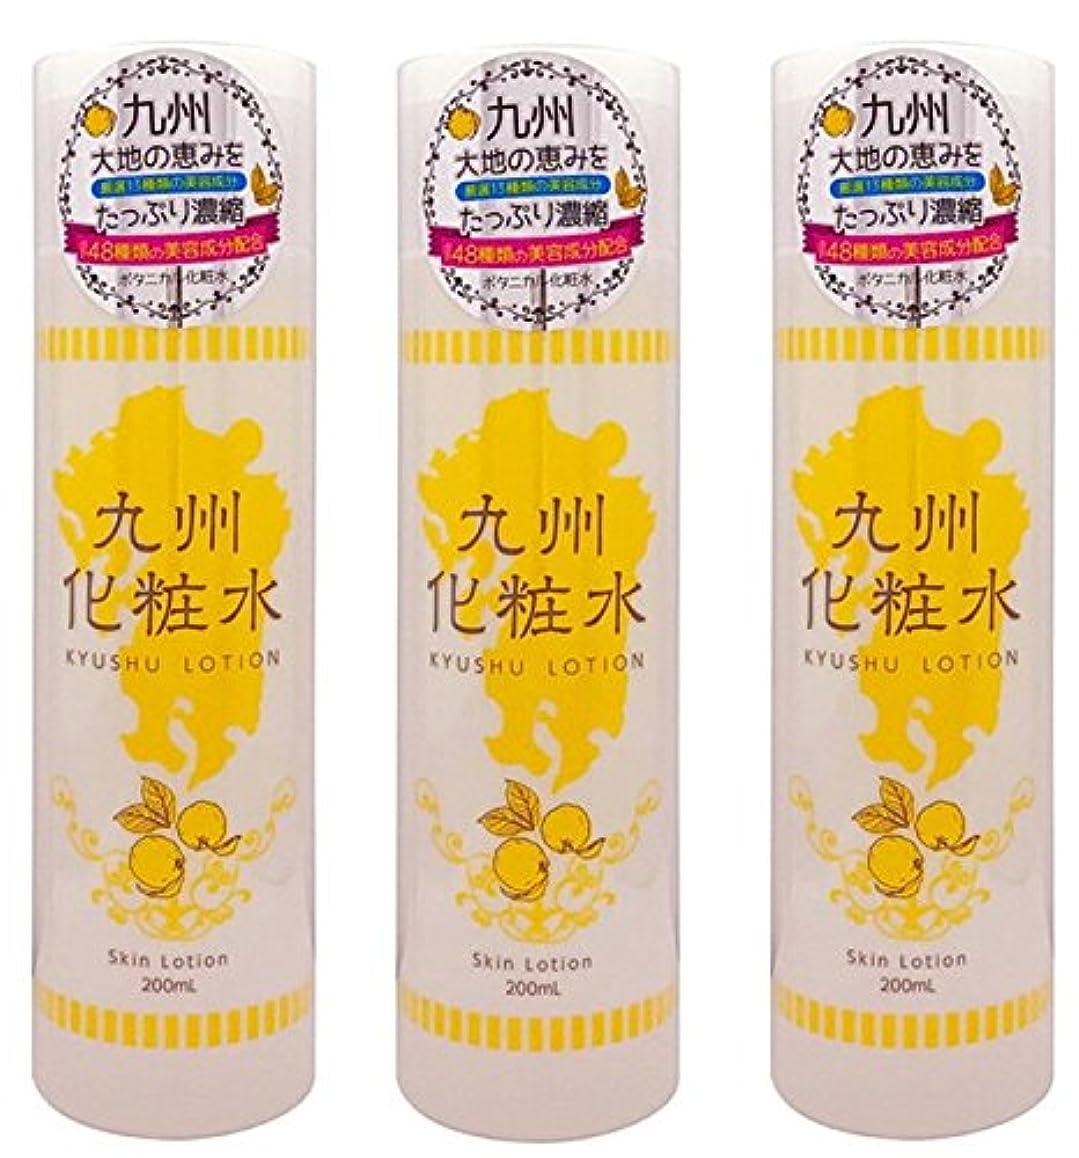 義務づける単なるフェードアウト九州化粧水 200ml (ボタニカル化粧水) X 3本セット